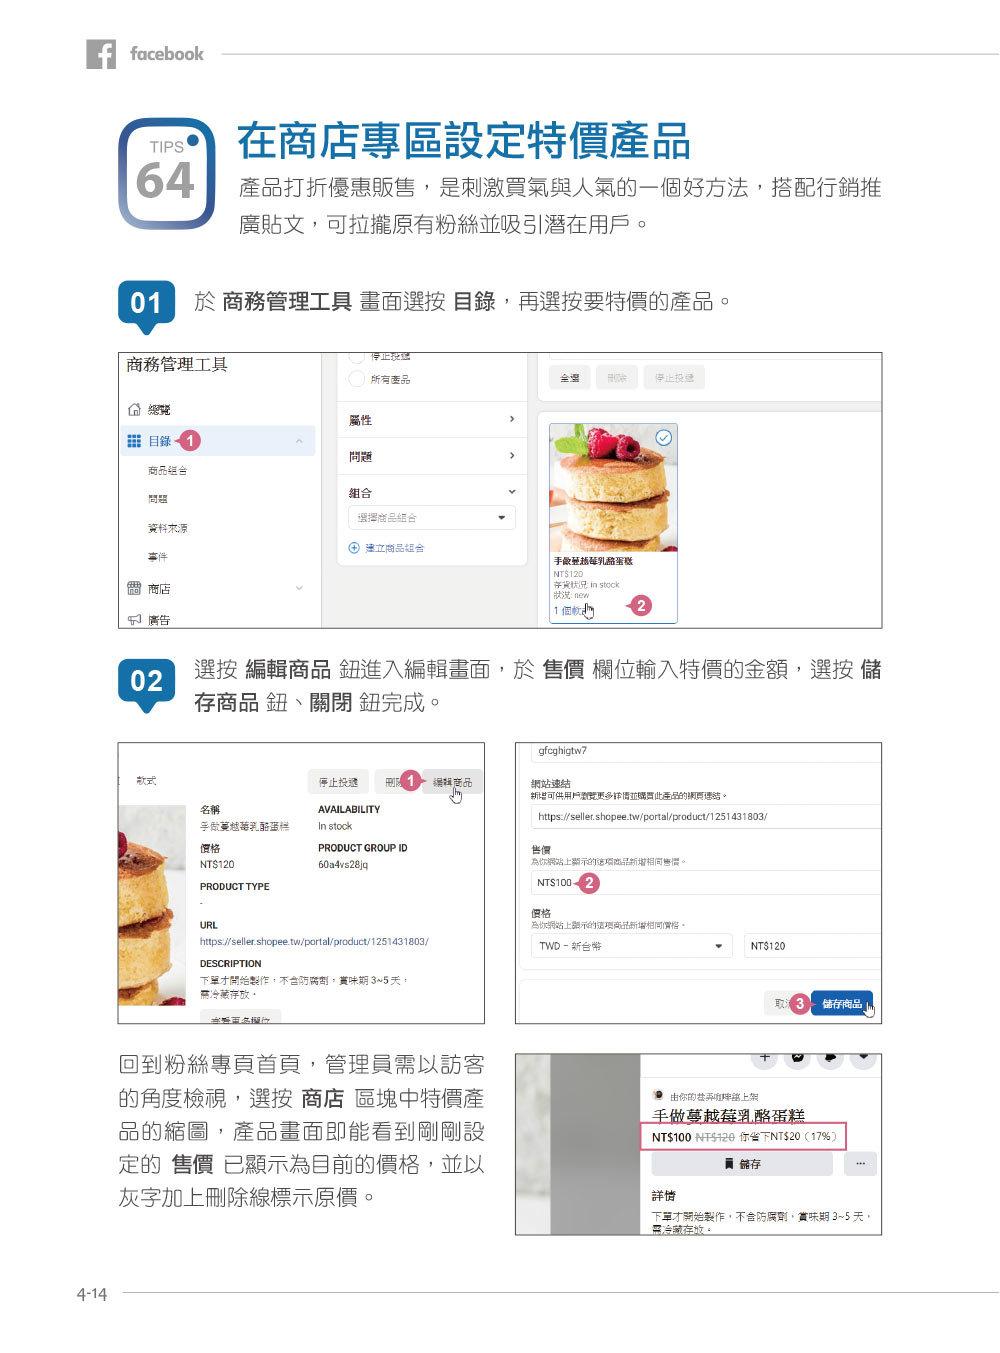 超人氣 FB + IG + LINE 社群經營與行銷力:用 225招快速聚粉,飆升流量變業績!-preview-6